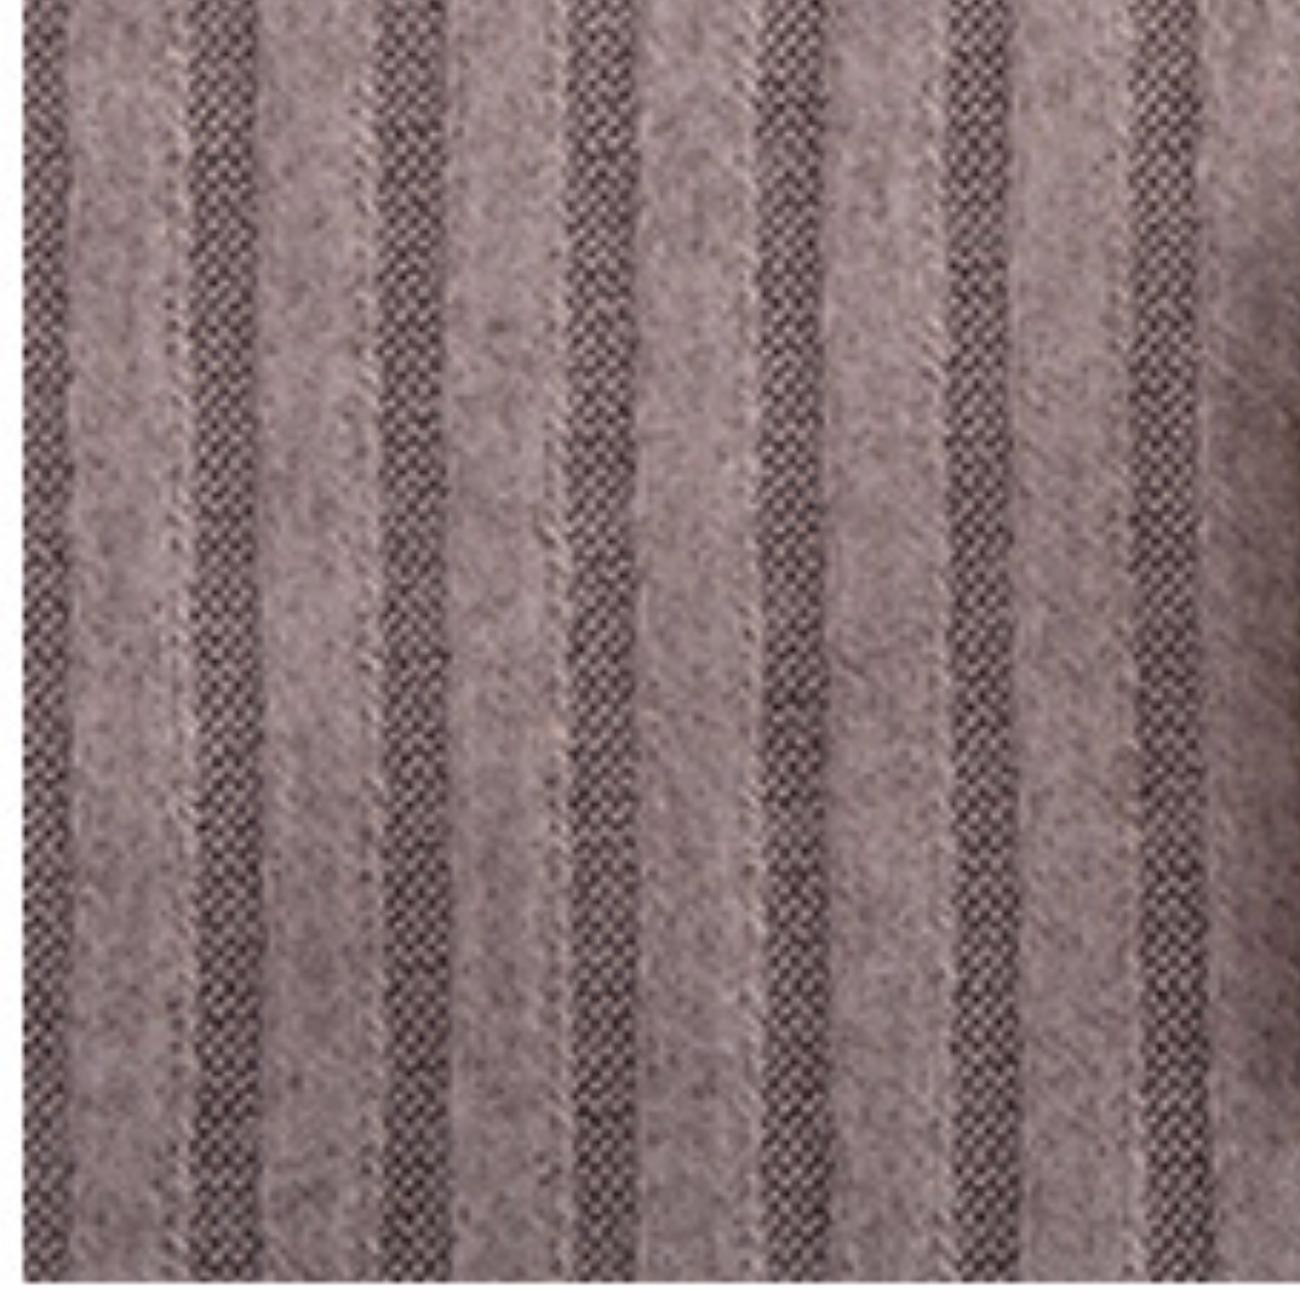 厂家直销 春季针织打底女装TC面料 300g罗纹坑条磨毛布料 批发